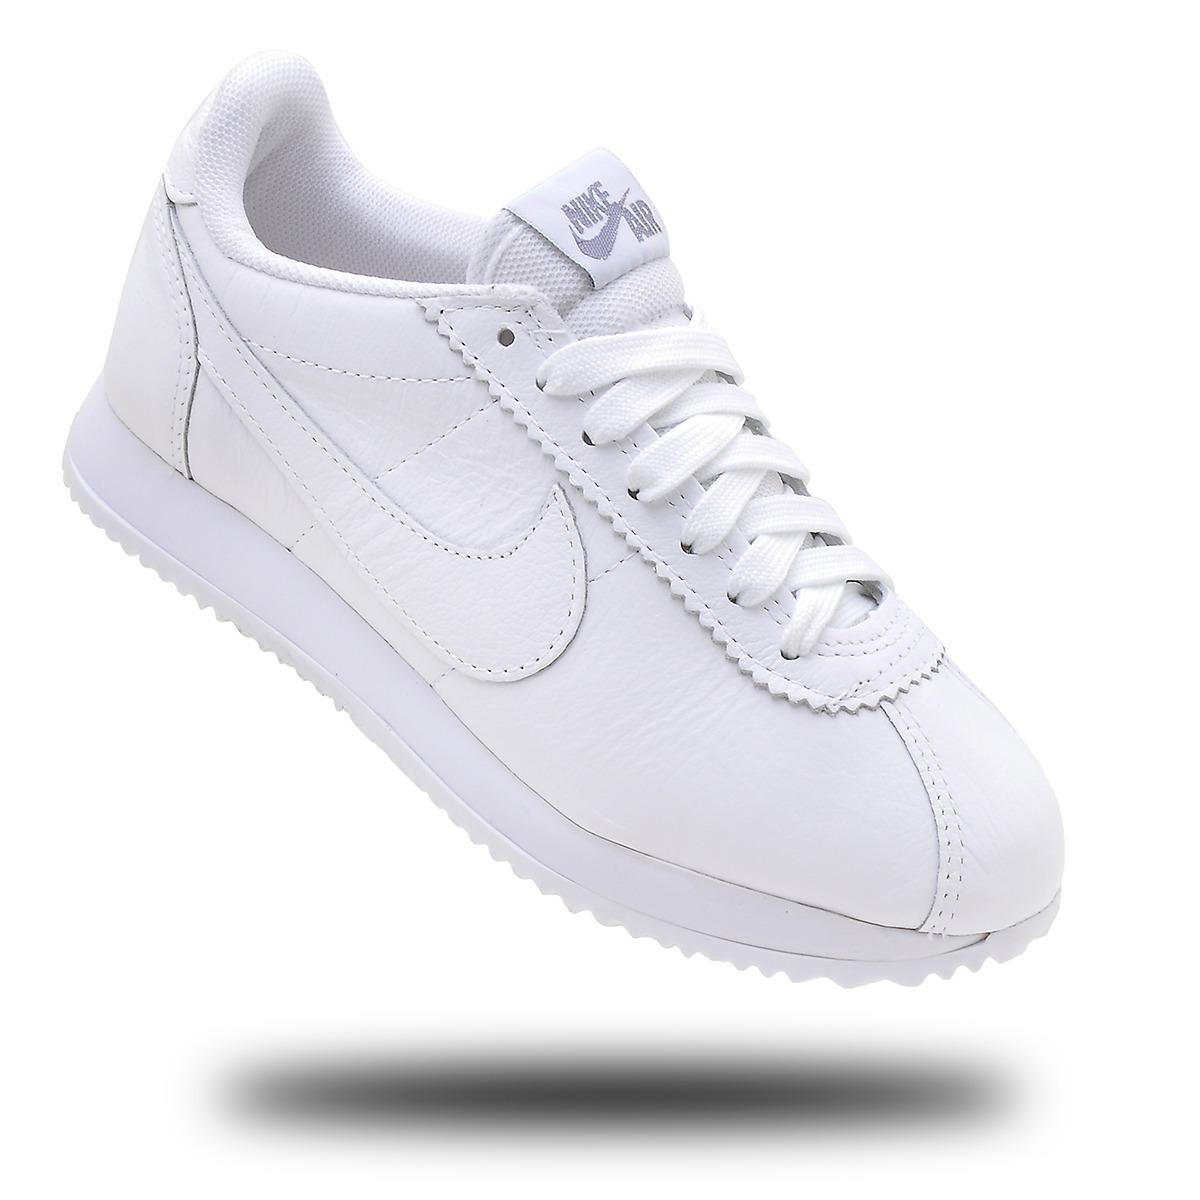 d665f3e2a71 Tênis Nike Cortez Classic Wmns No Couro + F. Grátis - R  269